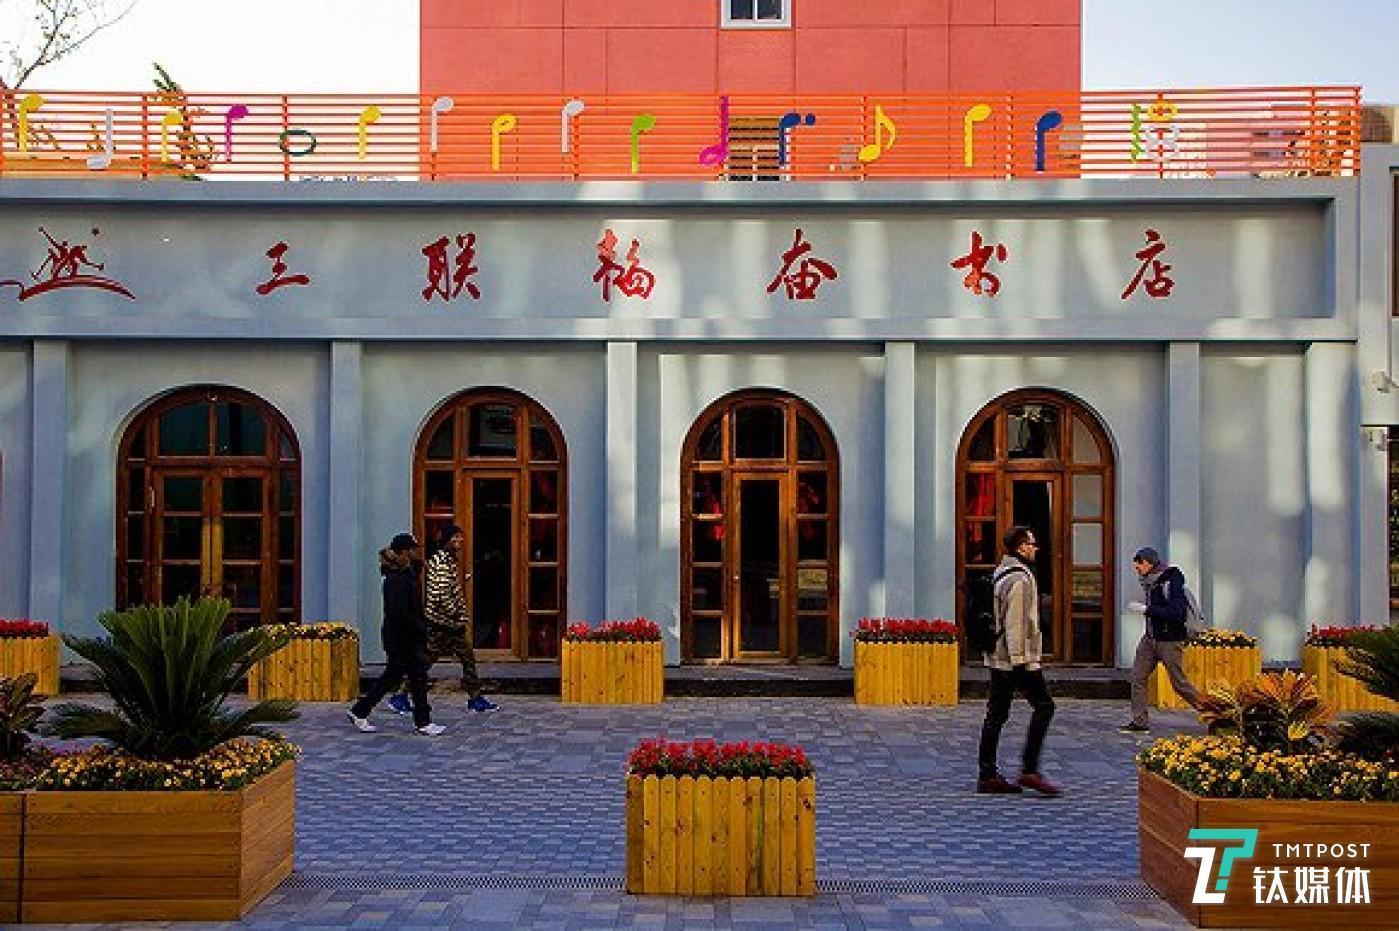 2017年底,正在装修中的三联书店三里屯店。图片来源:视觉中国